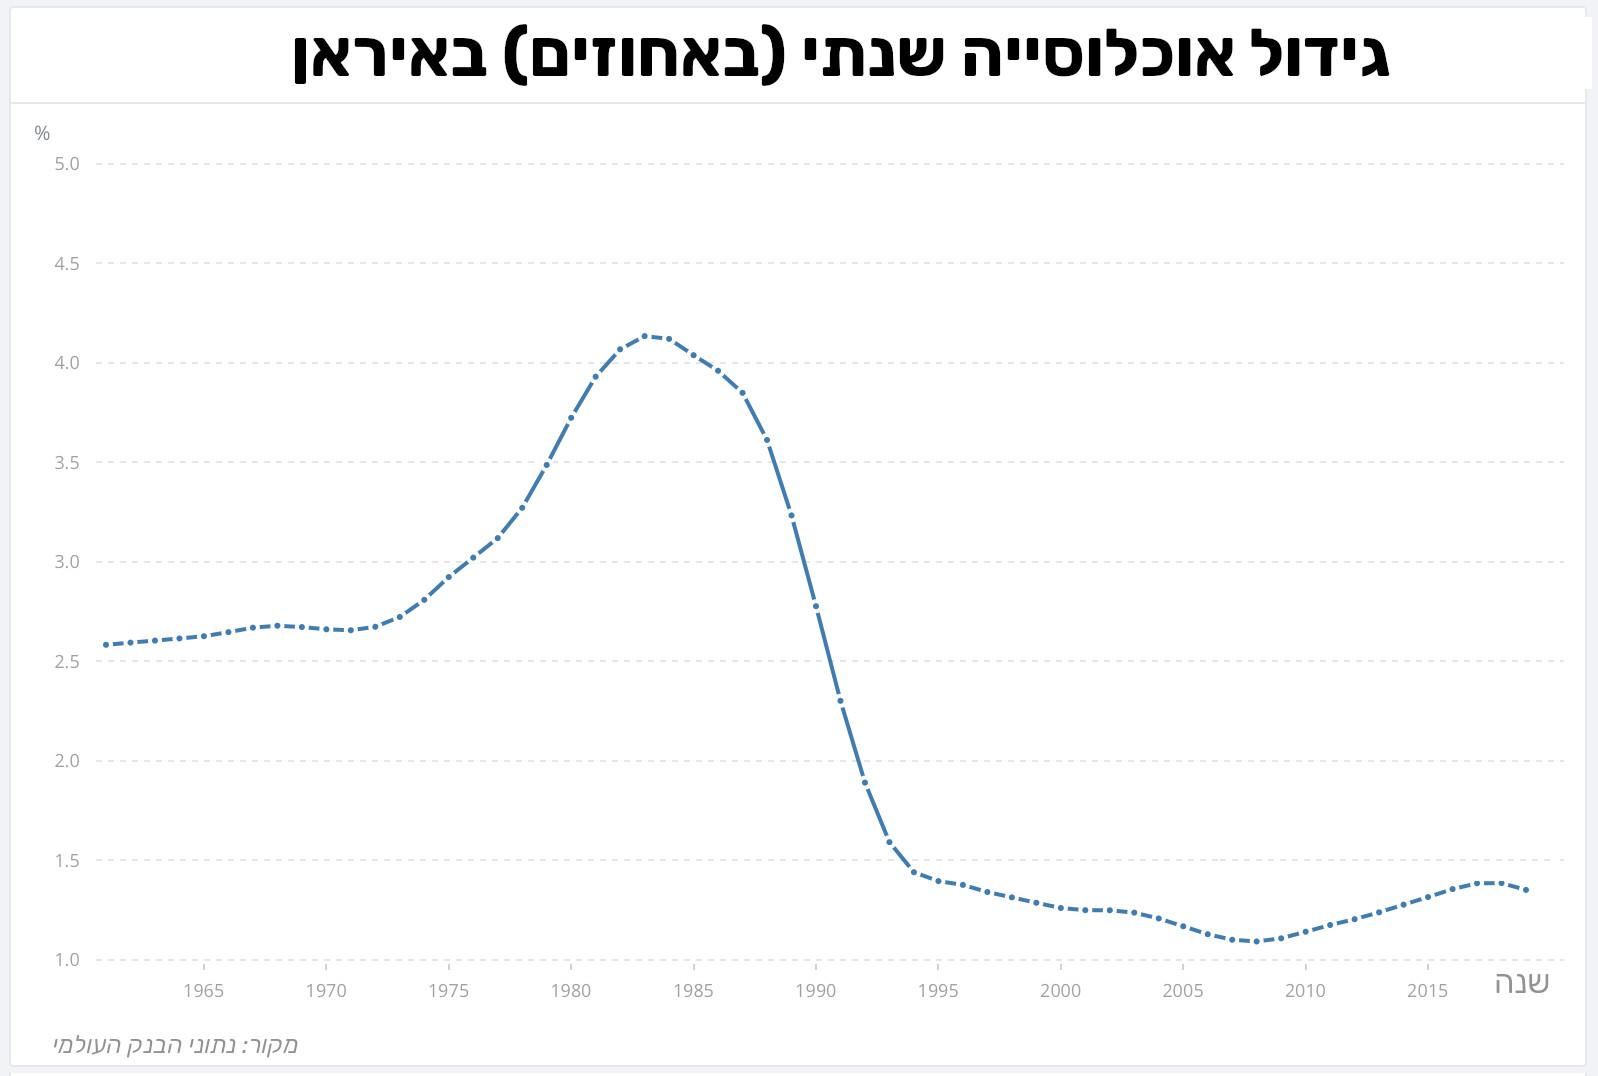 גידול אוכלוסייה שנתי באיראן